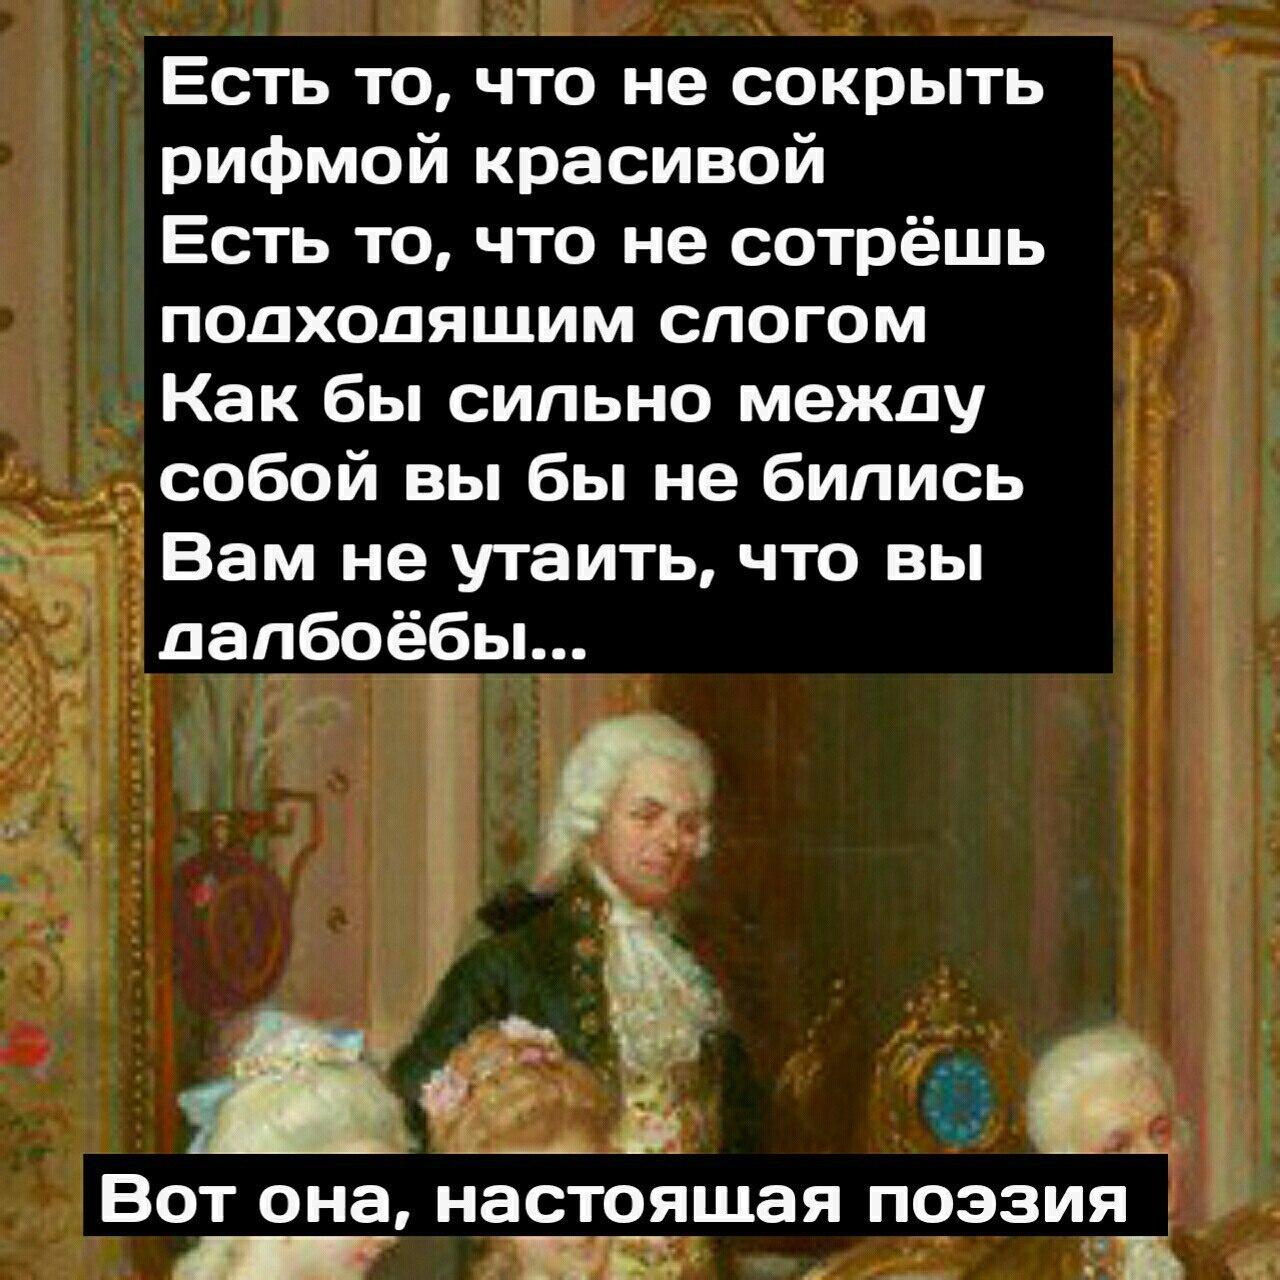 SOVuSUUOP2A.jpg